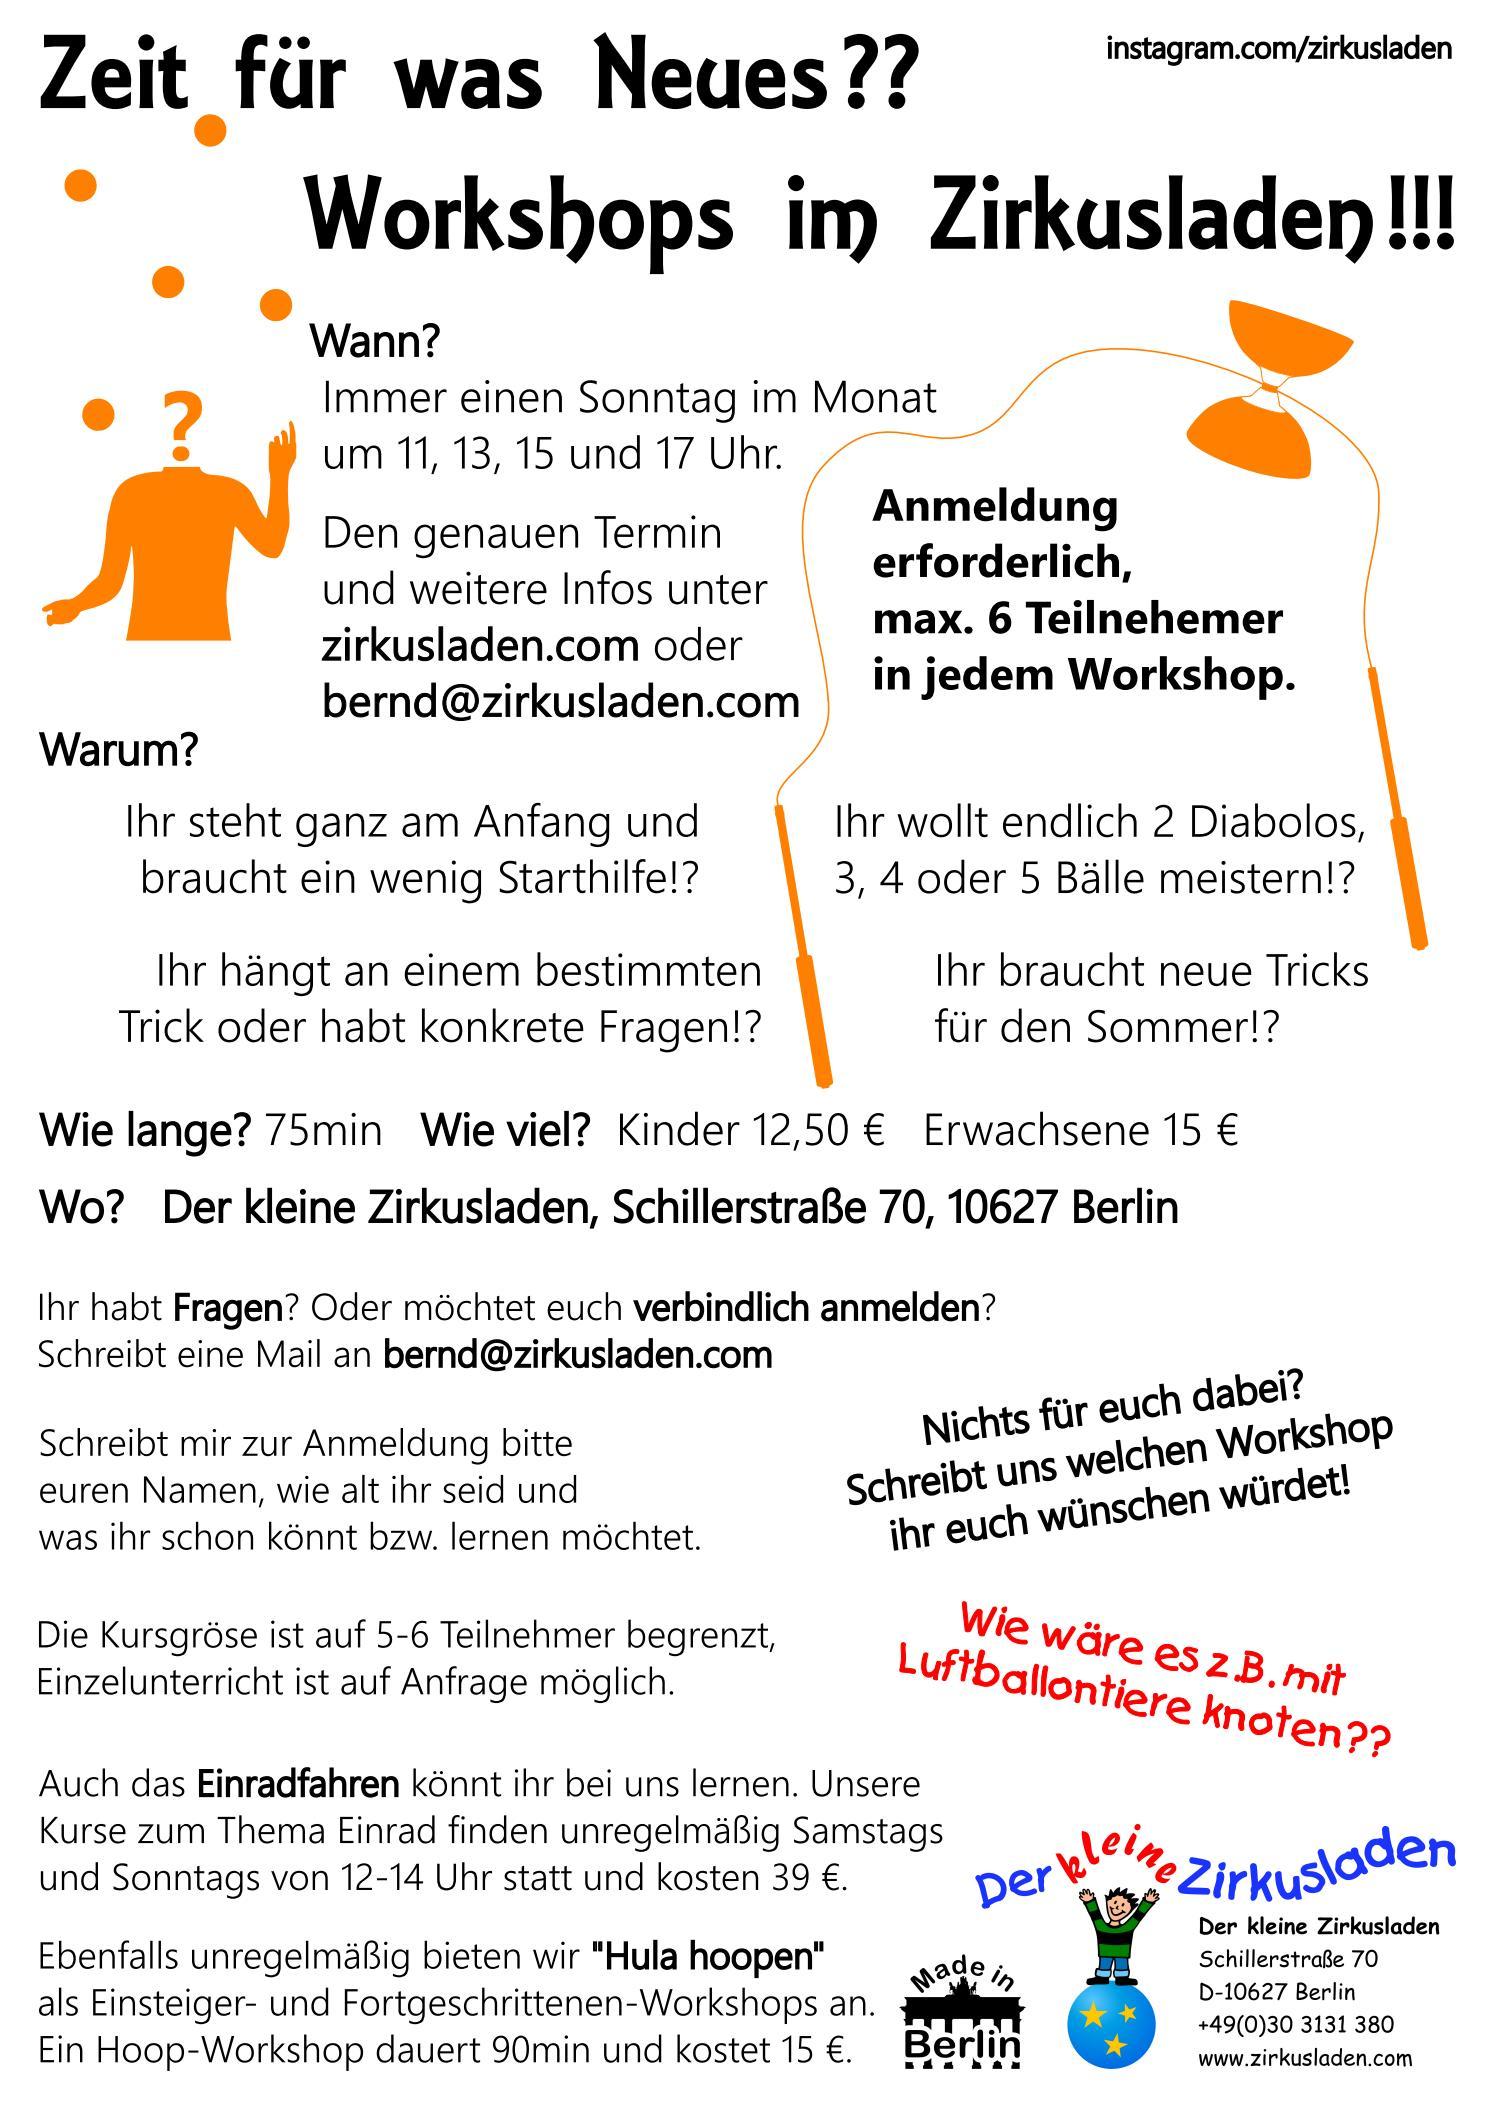 Workshopflyer-allgemein_01ftUTlrENJpfOG